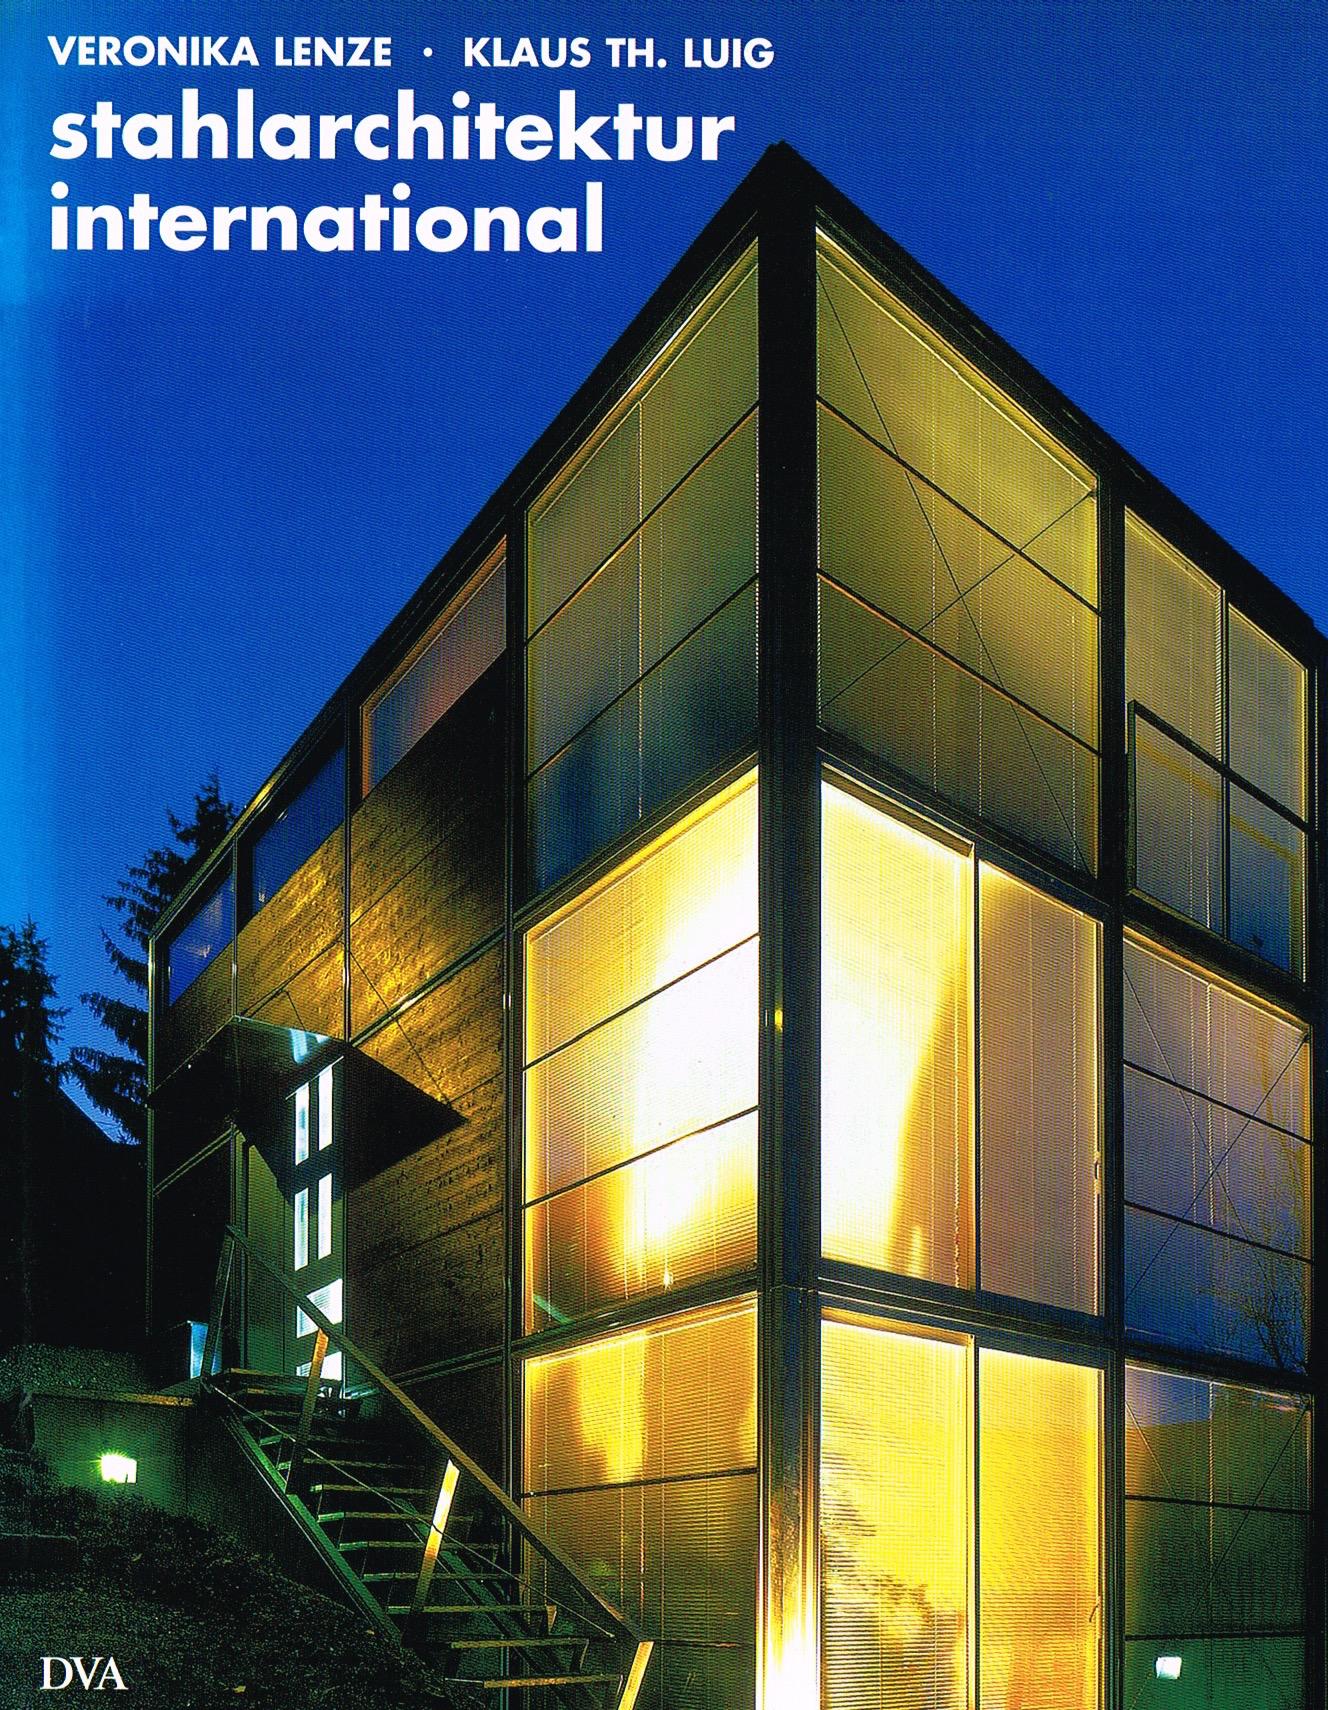 'Stahlarchitektur' : Deutsche Verlagsanstalt, Munich, 2004